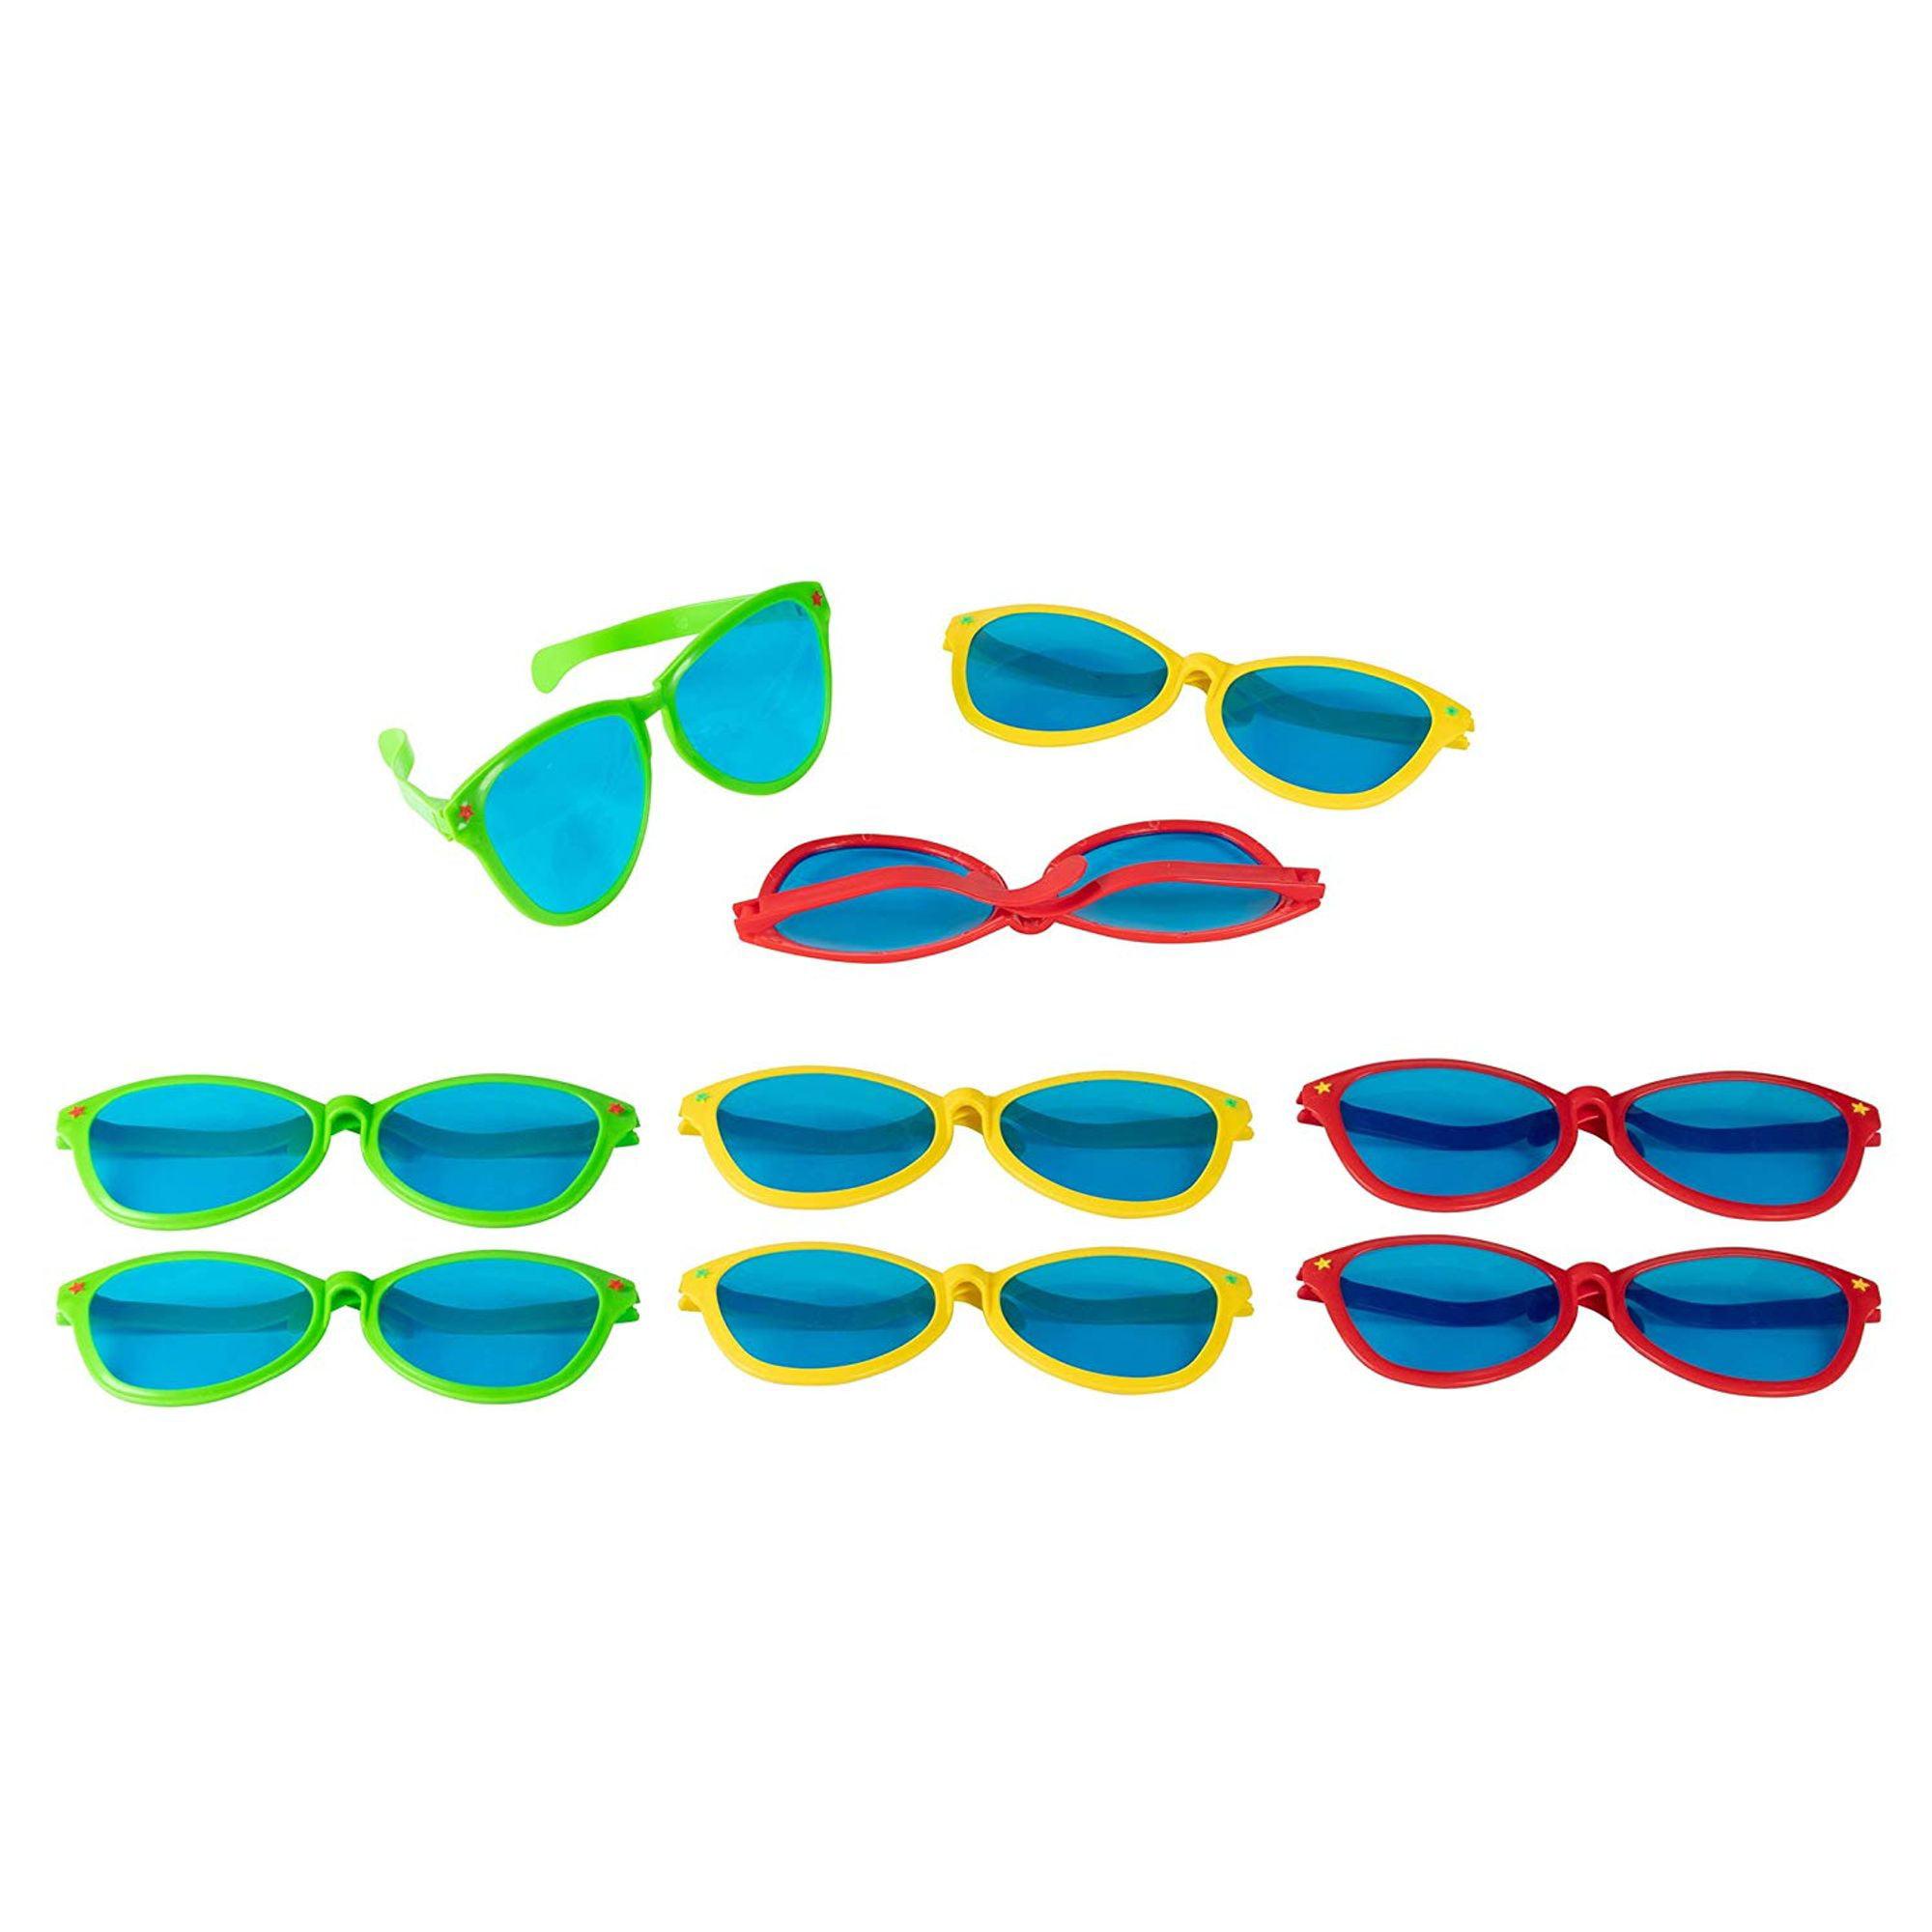 Bulk Jumbo Giant Neon Novelty Party Costume Sunglasses for Kid 12 Pack 3 Color